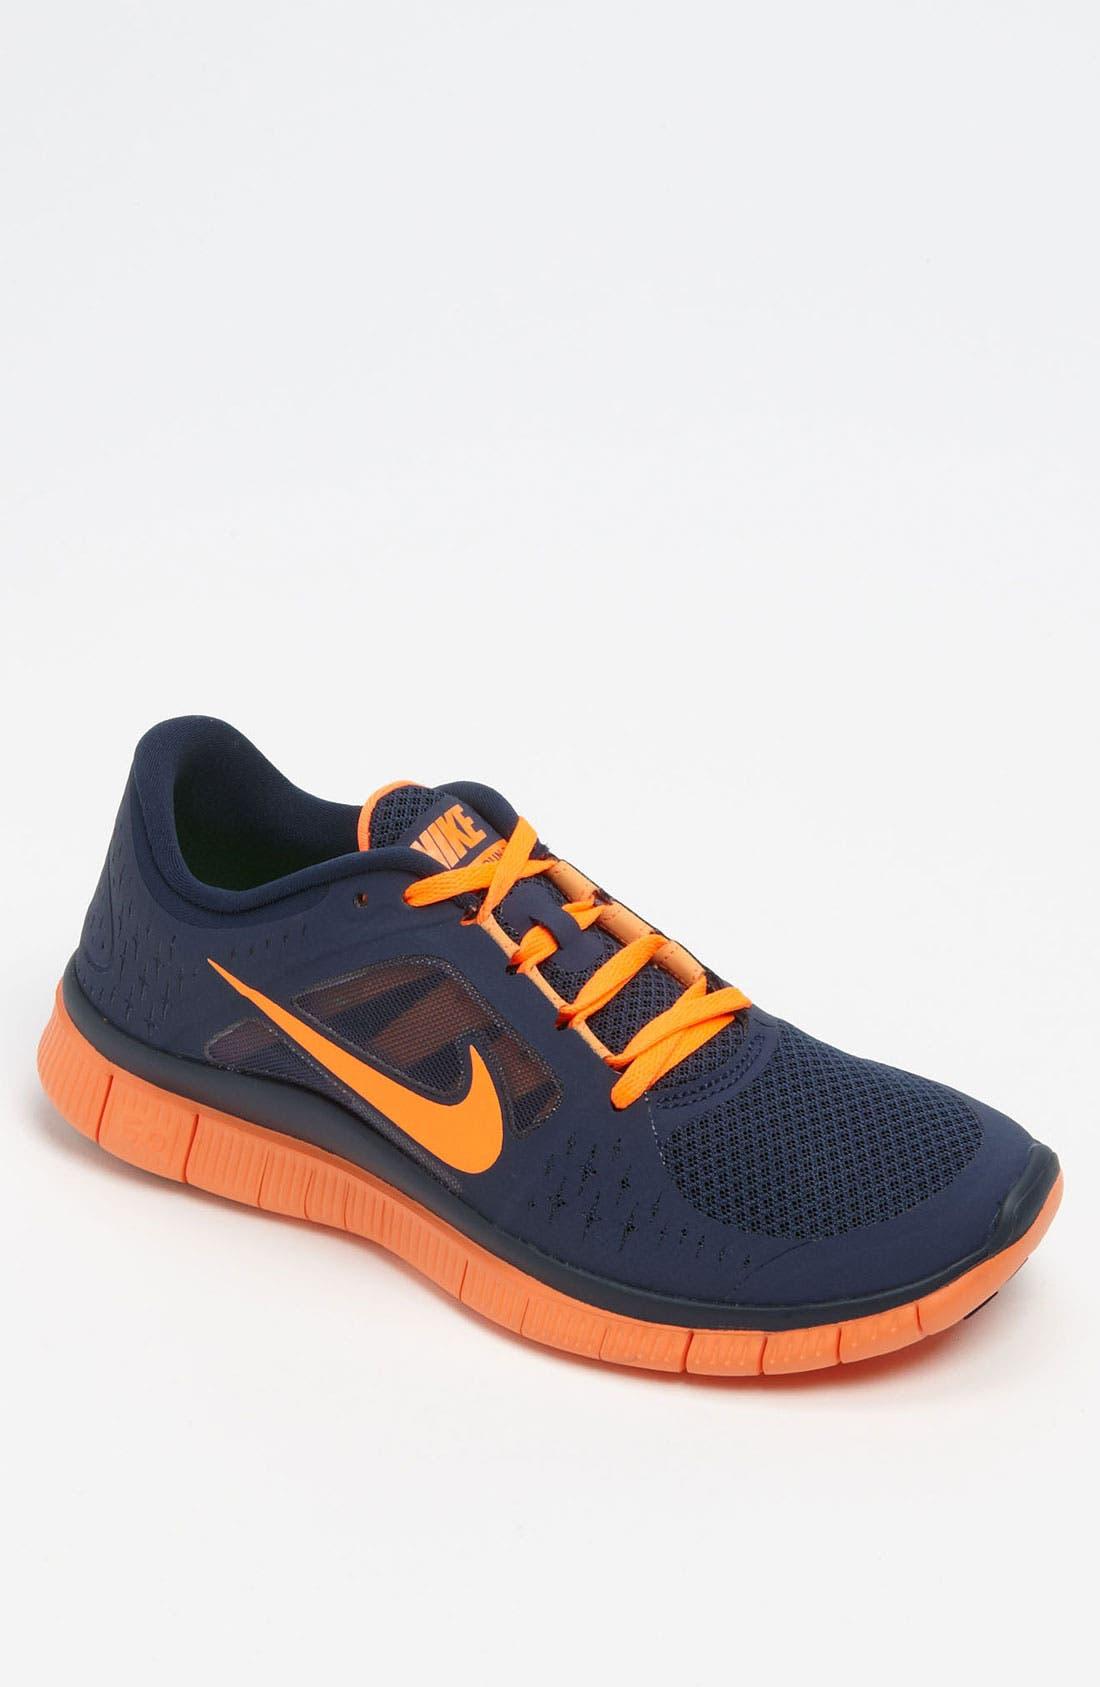 Main Image - Nike 'Free Run+ 3' Running Shoe (Men)